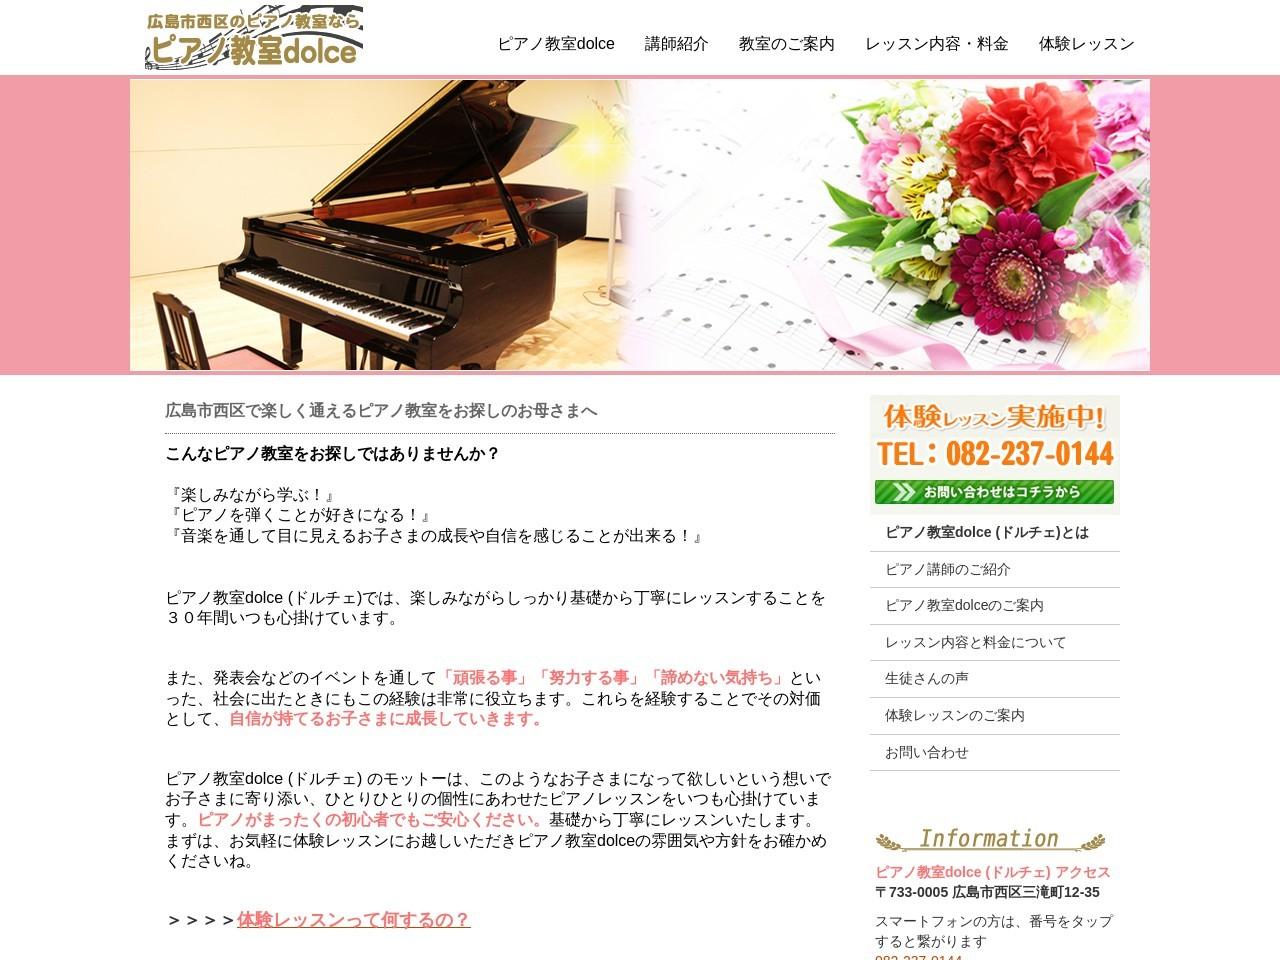 ピアノ教室dolce(ドルチェ)のサムネイル